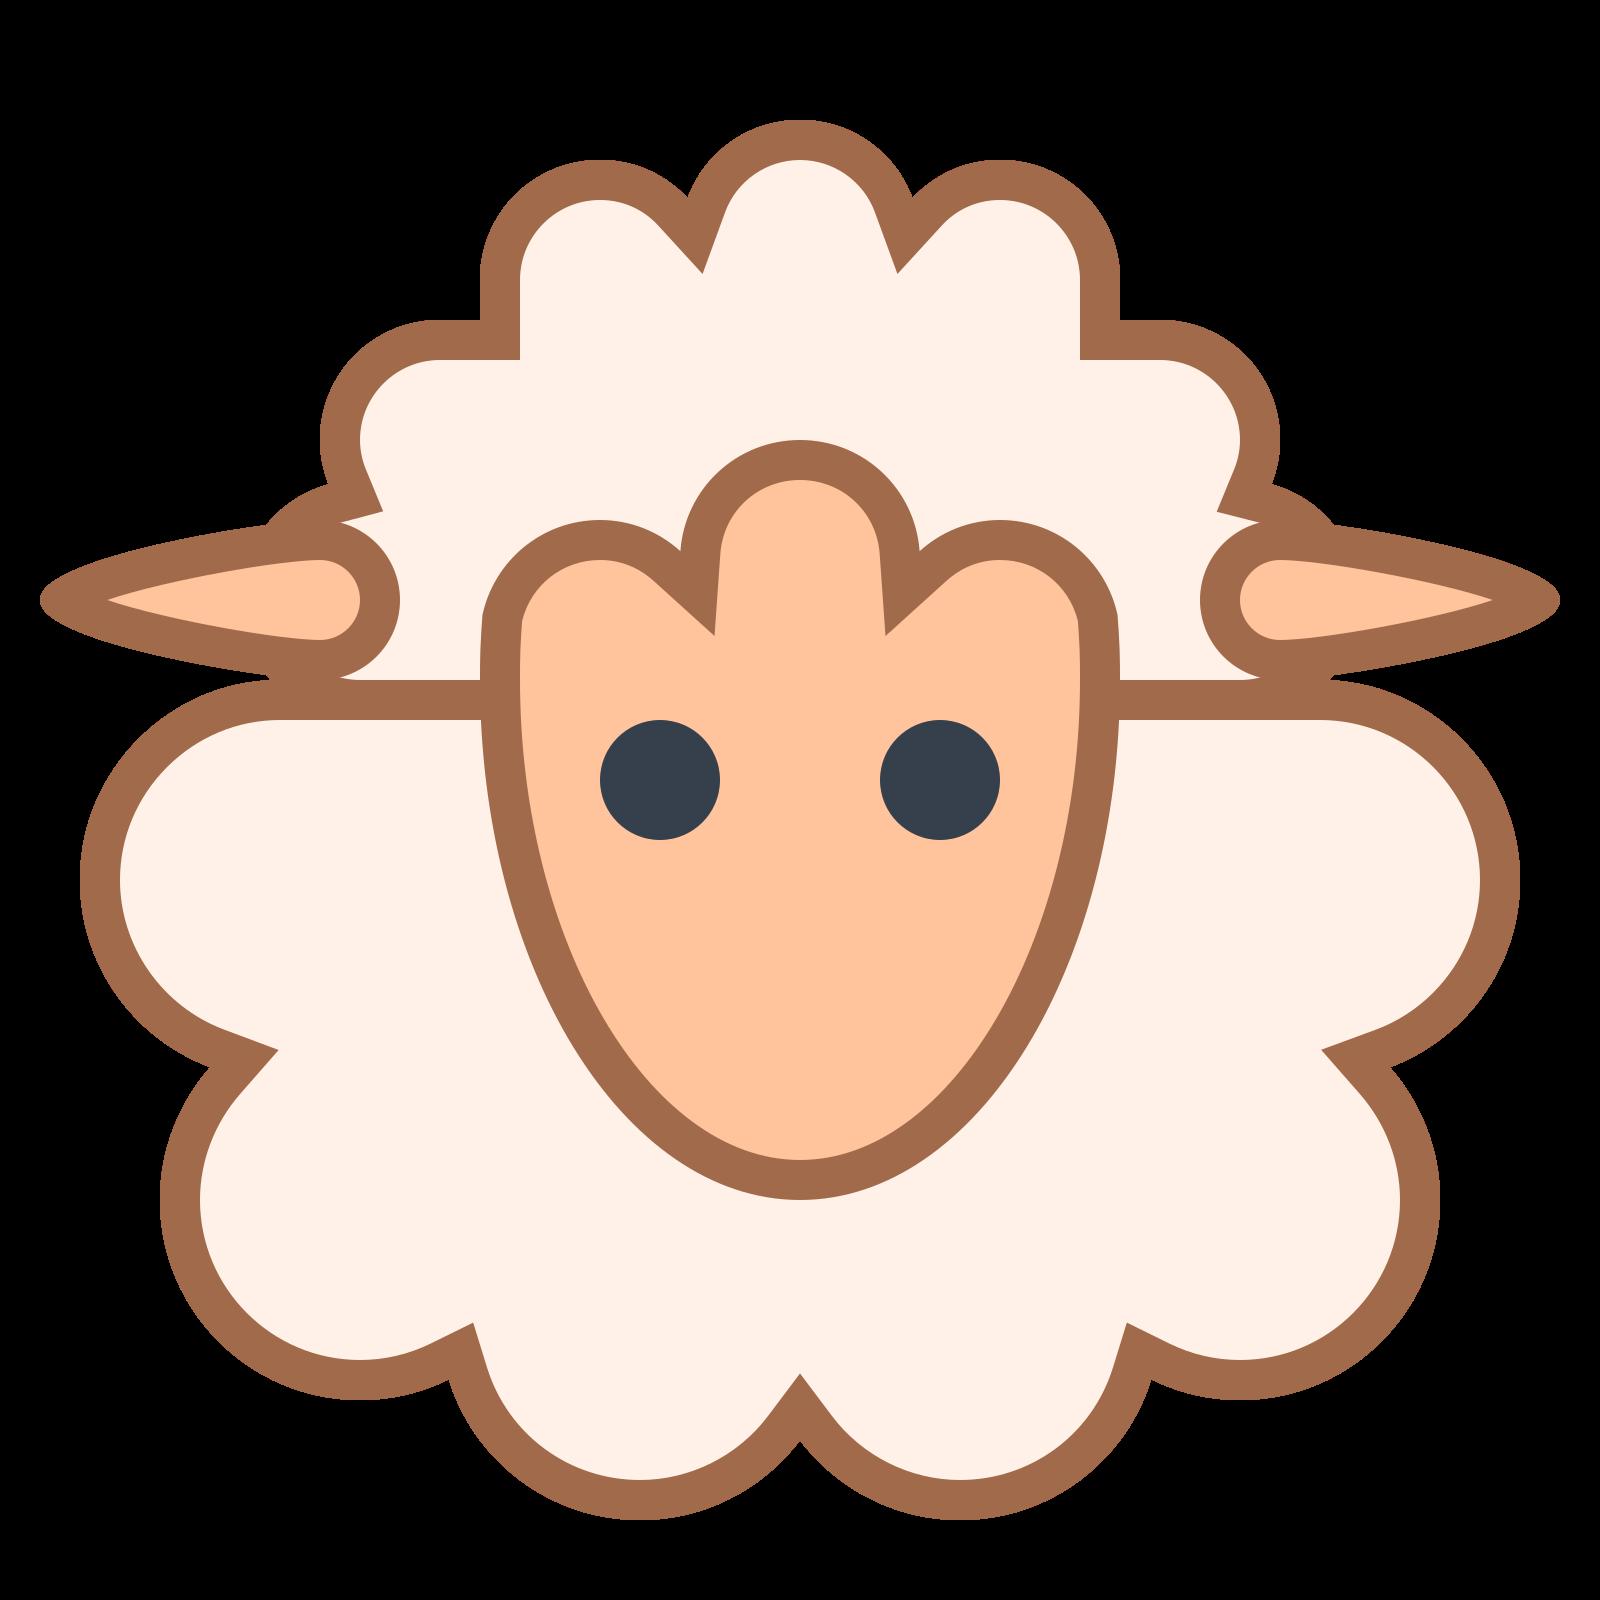 Owca 2 icon